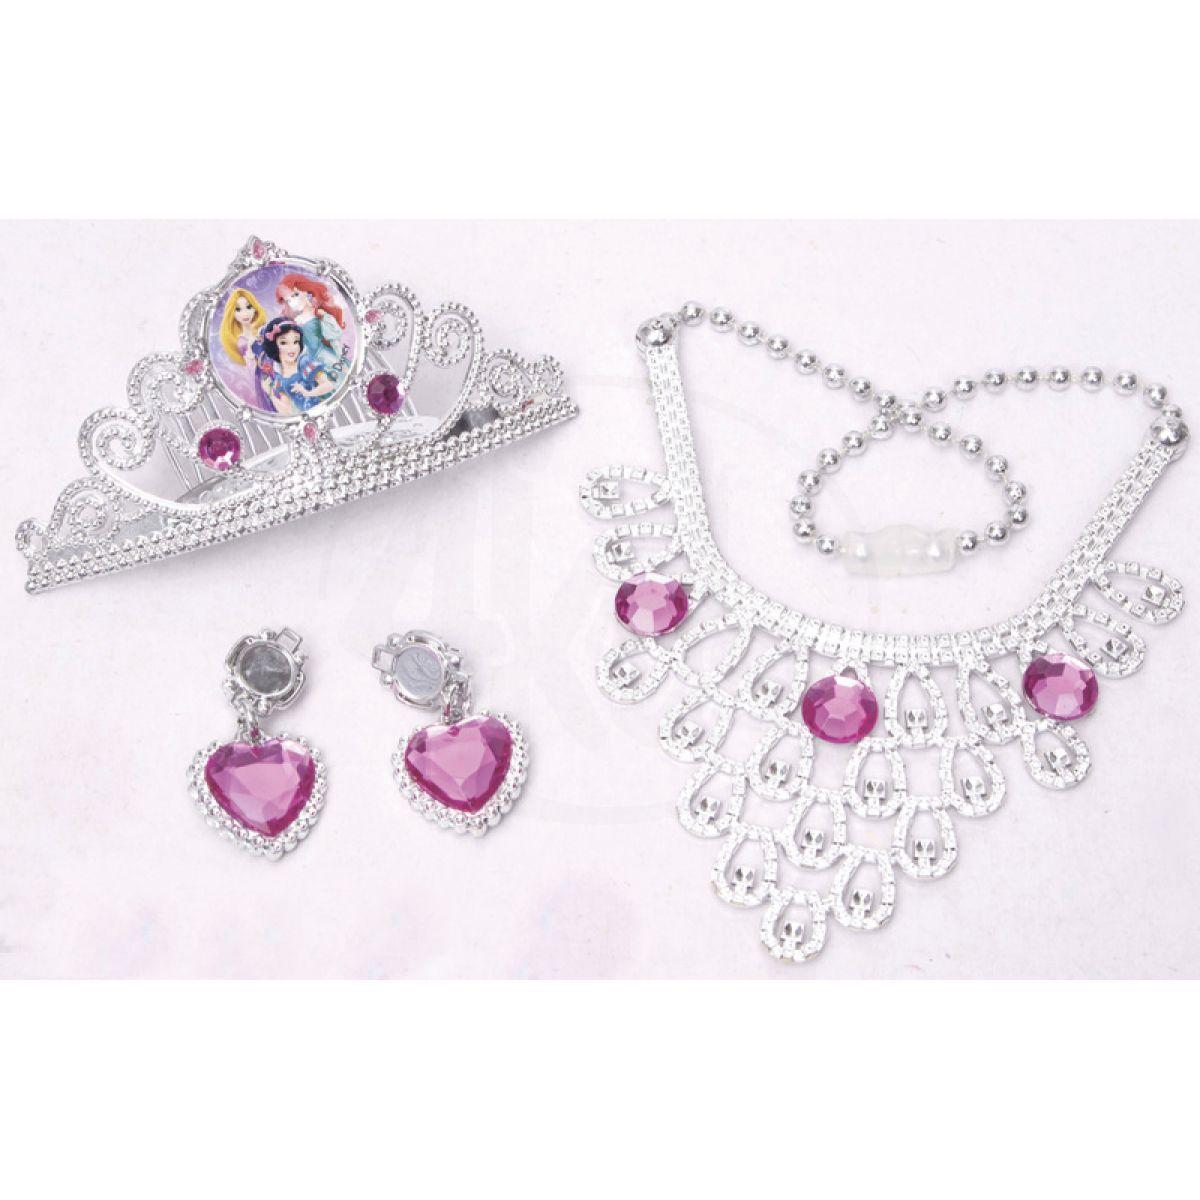 Disney princezny Set s korunkou a šperky pro princeznu a87167f13f